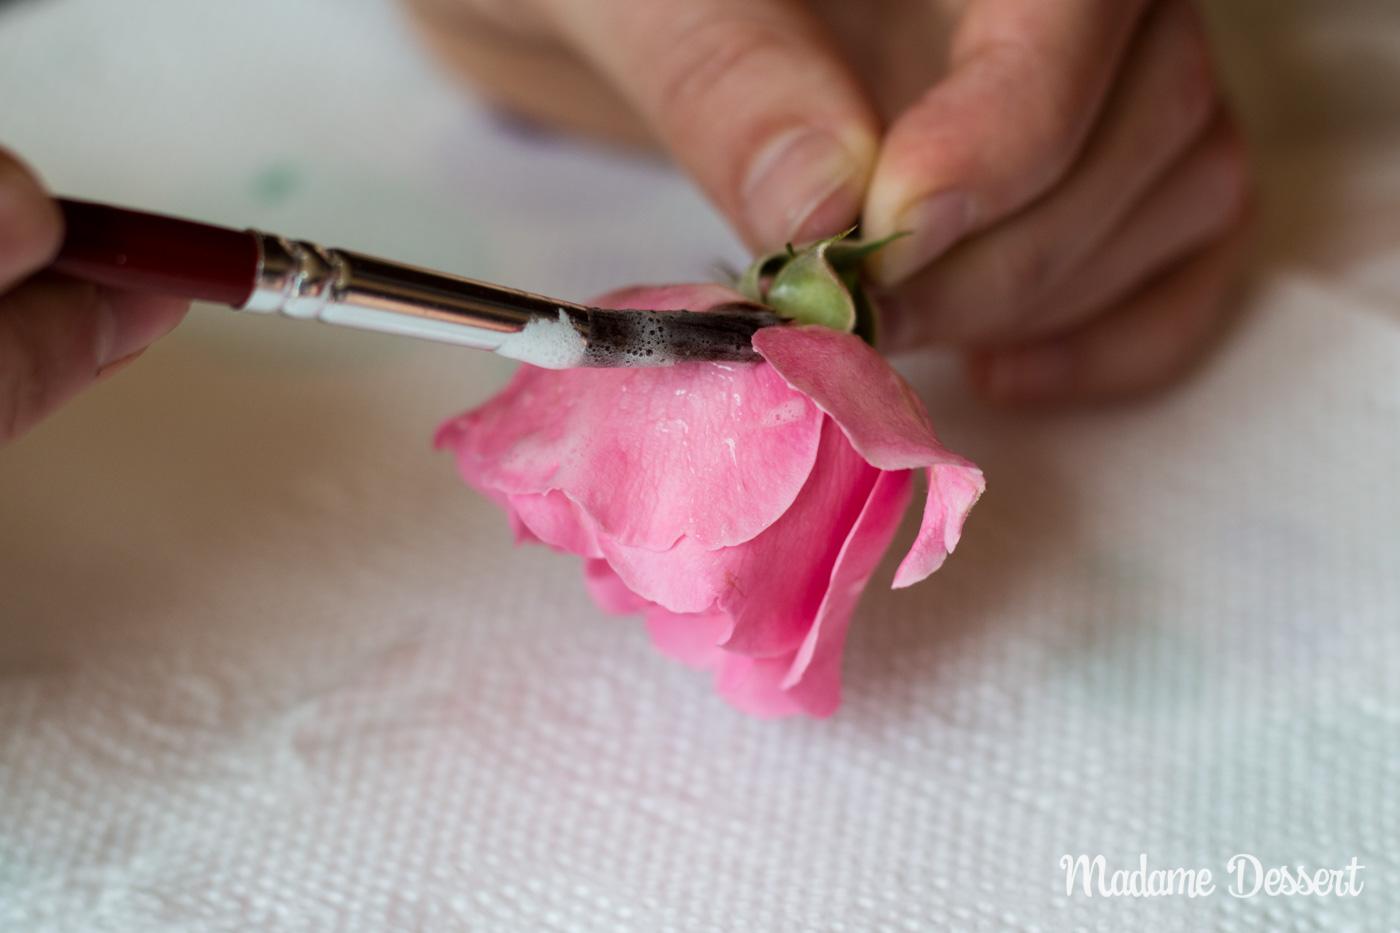 Kandierte Rosen | Madame Dessert